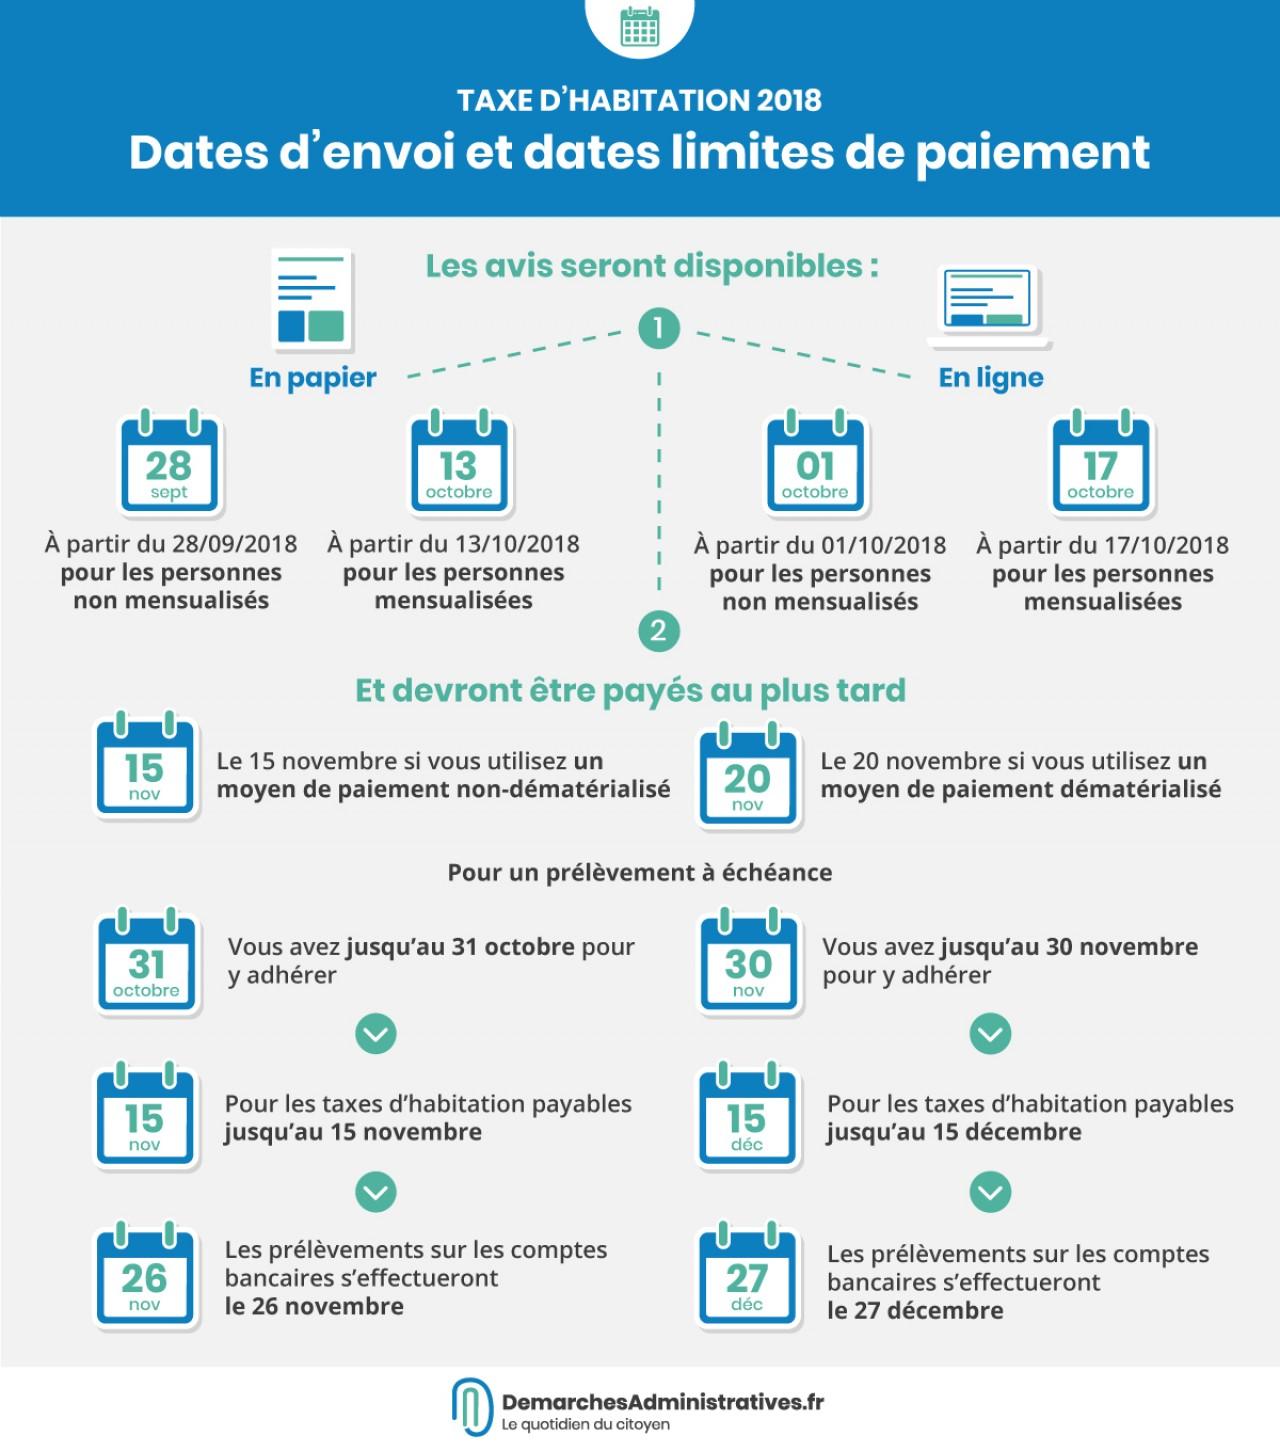 Taxe D Habitation 2018 Dates De Reception Des Avis Et Dates